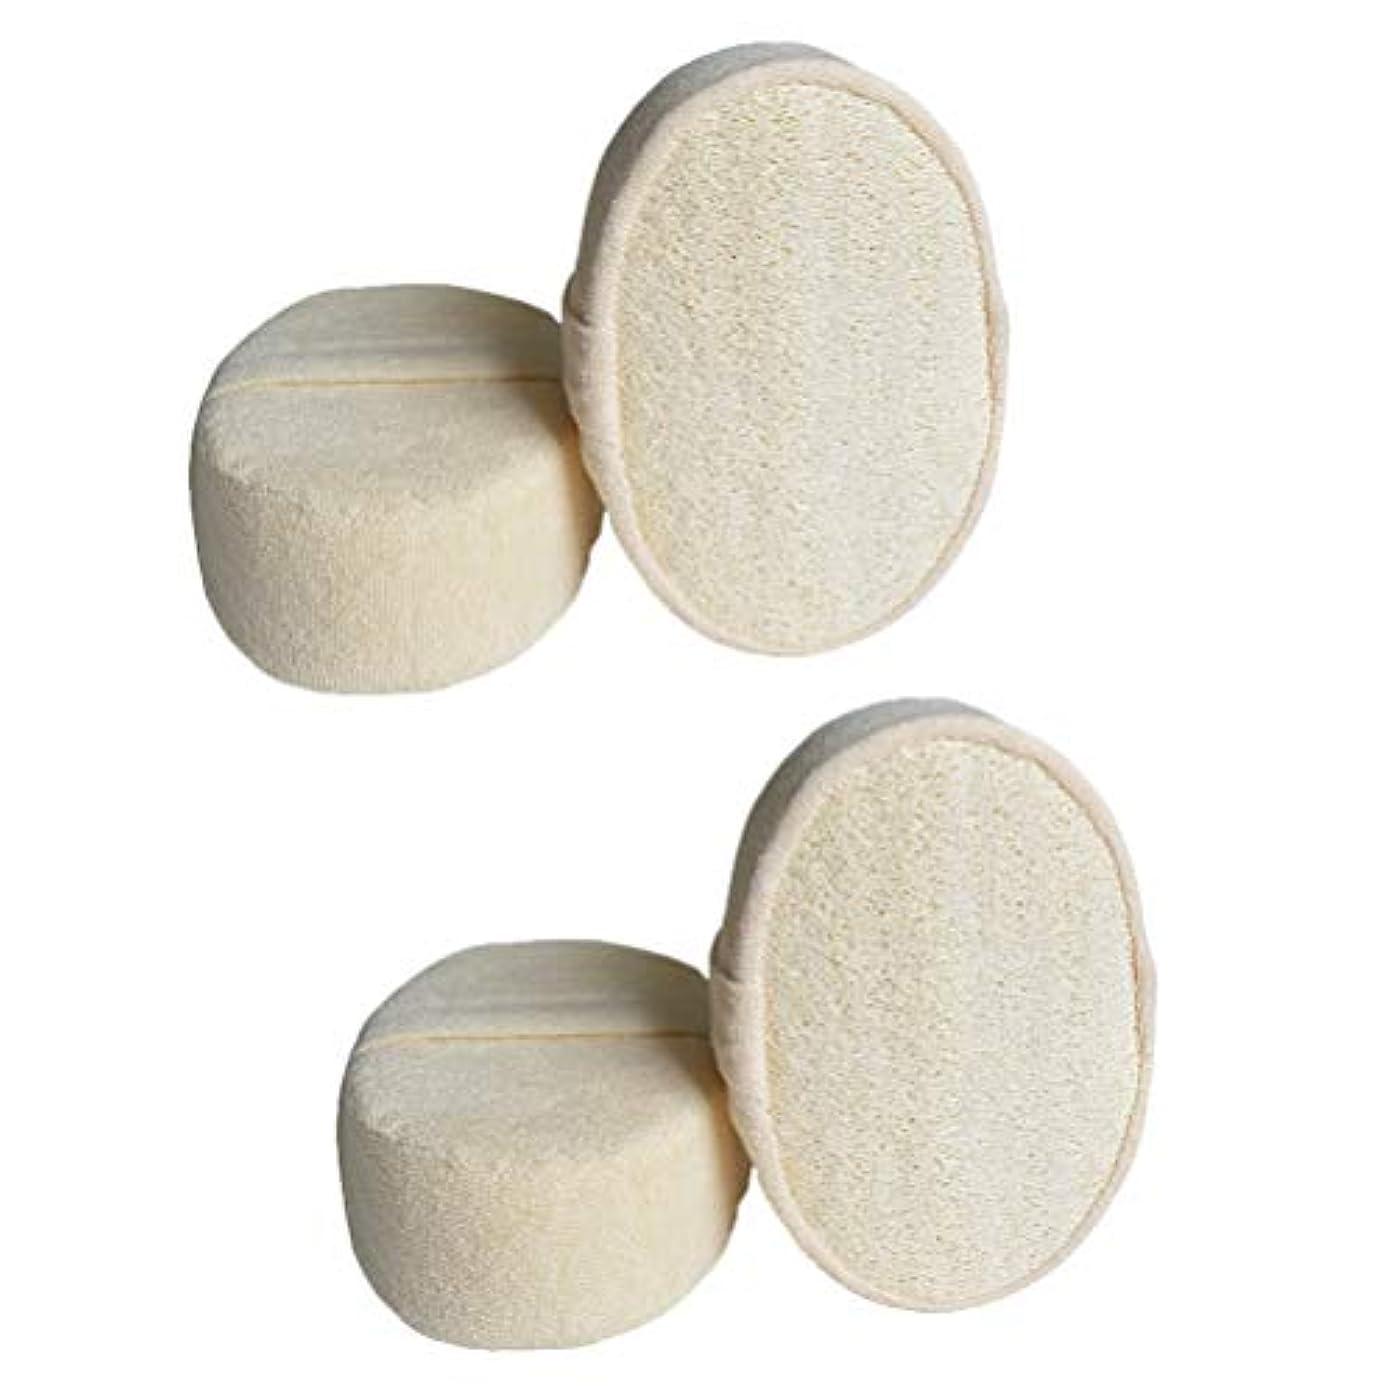 多数の別に傭兵Healifty 4ピース剥離剥離剤パッドloofaスポンジスクラバーブラシ用風呂スパシャワー